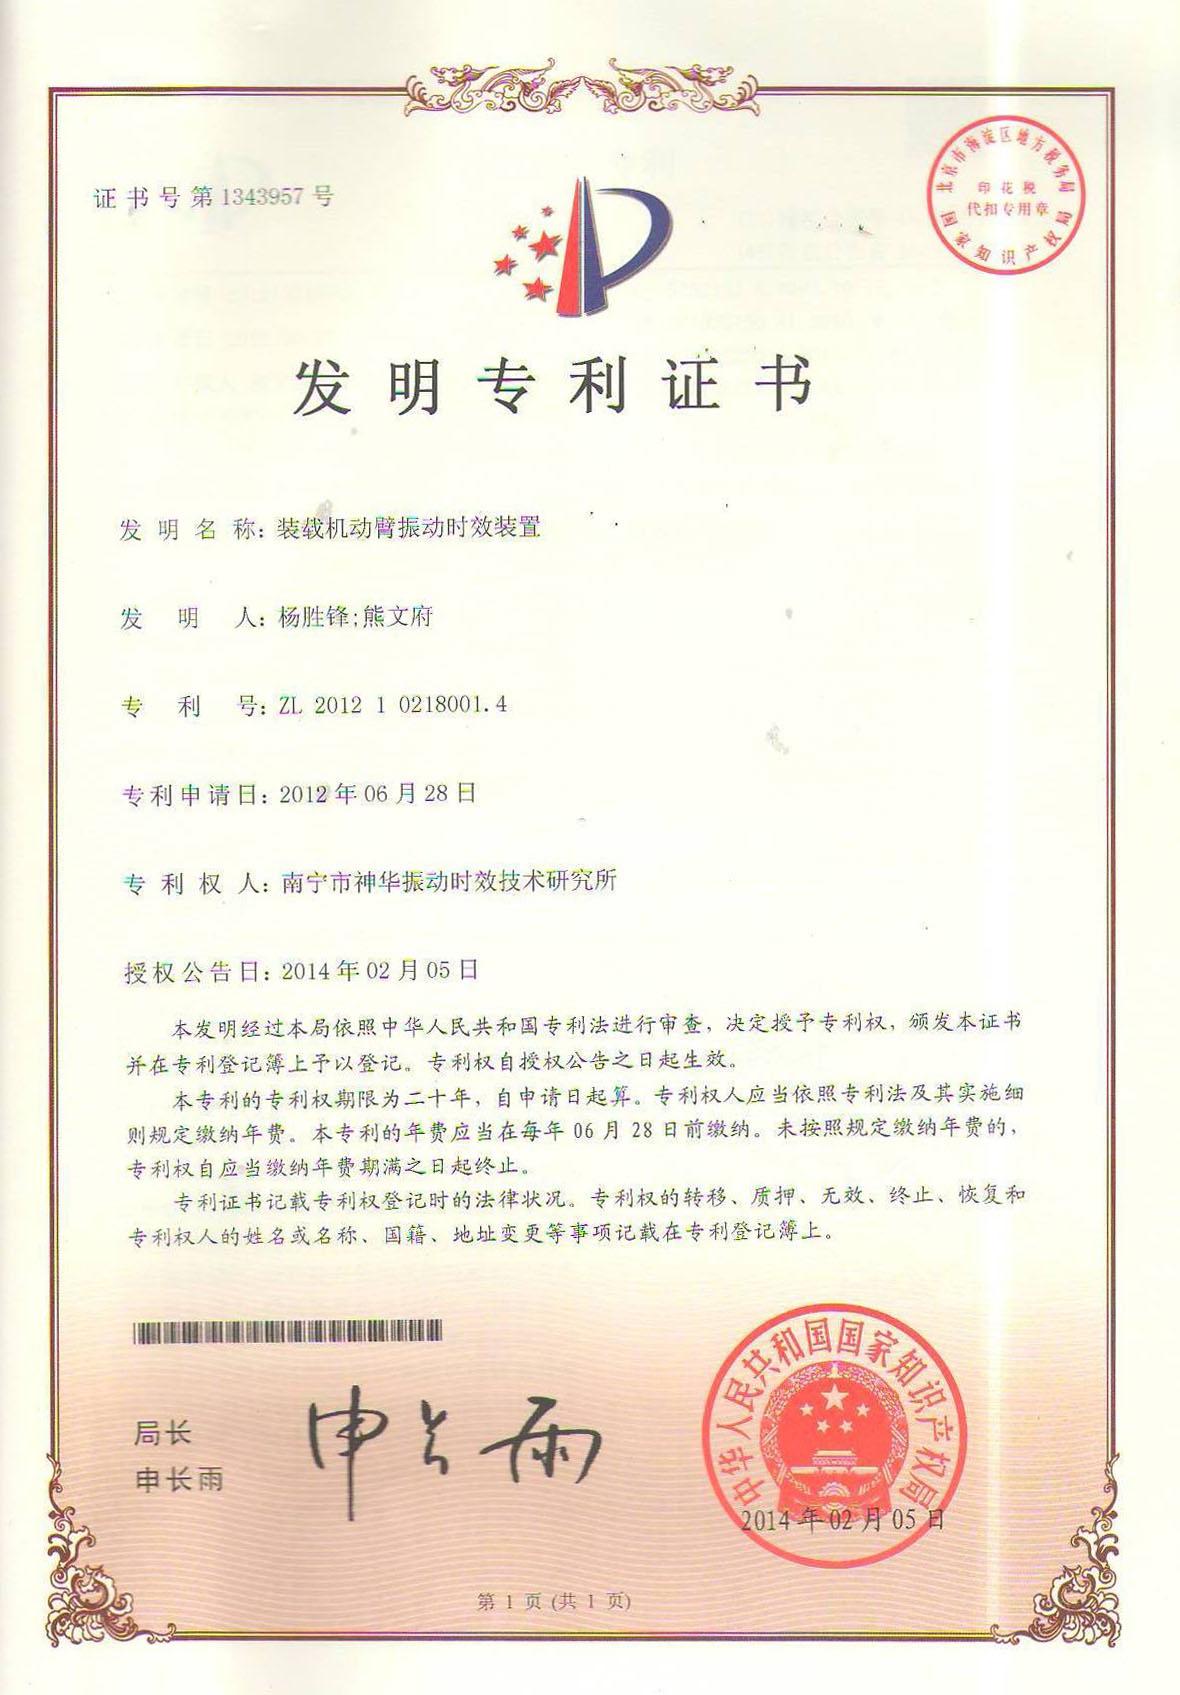 神华发明专利:装载机动臂振动时效装置